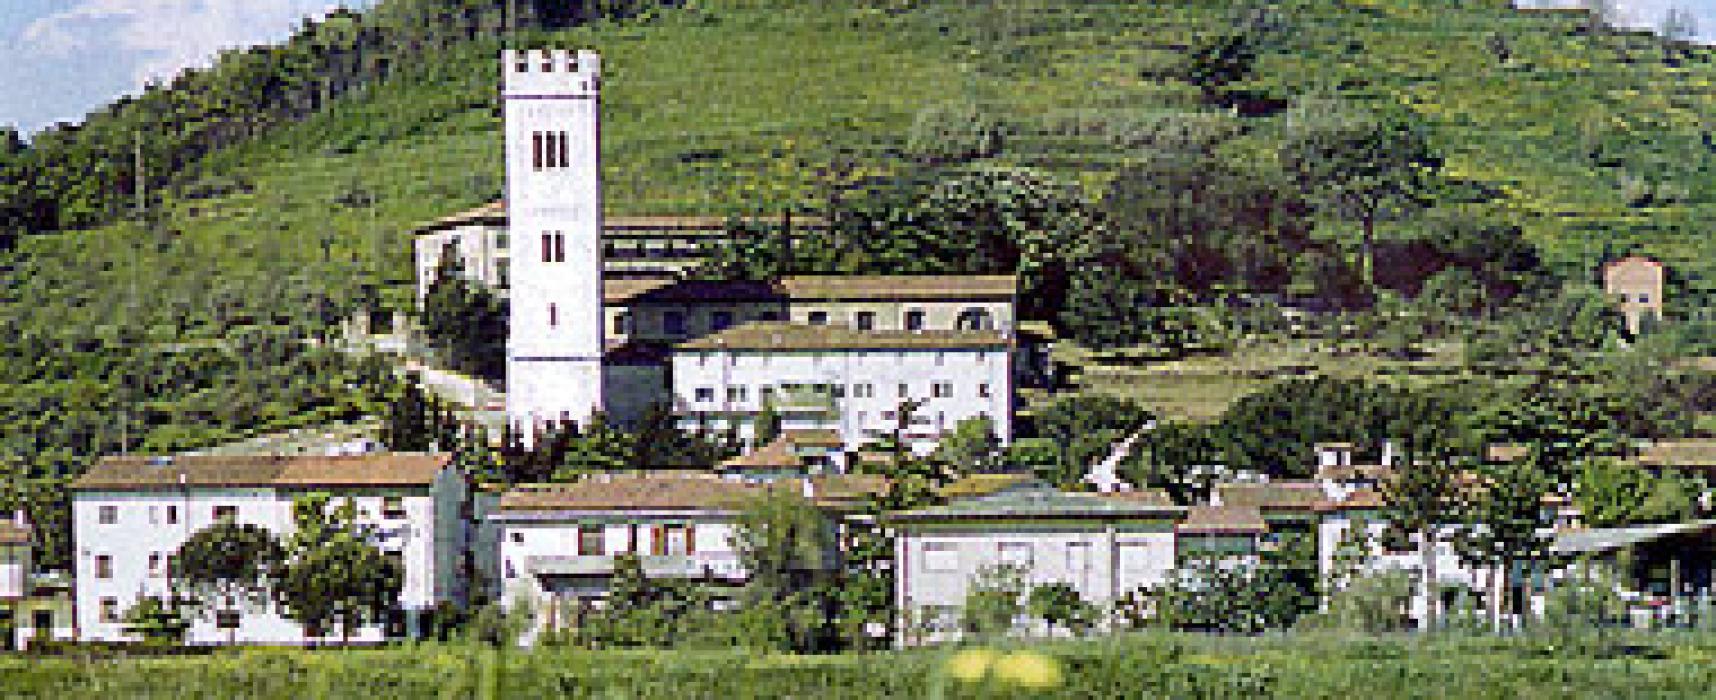 Viabilità, stop alla circolazione in via Ciarpi a Porcari